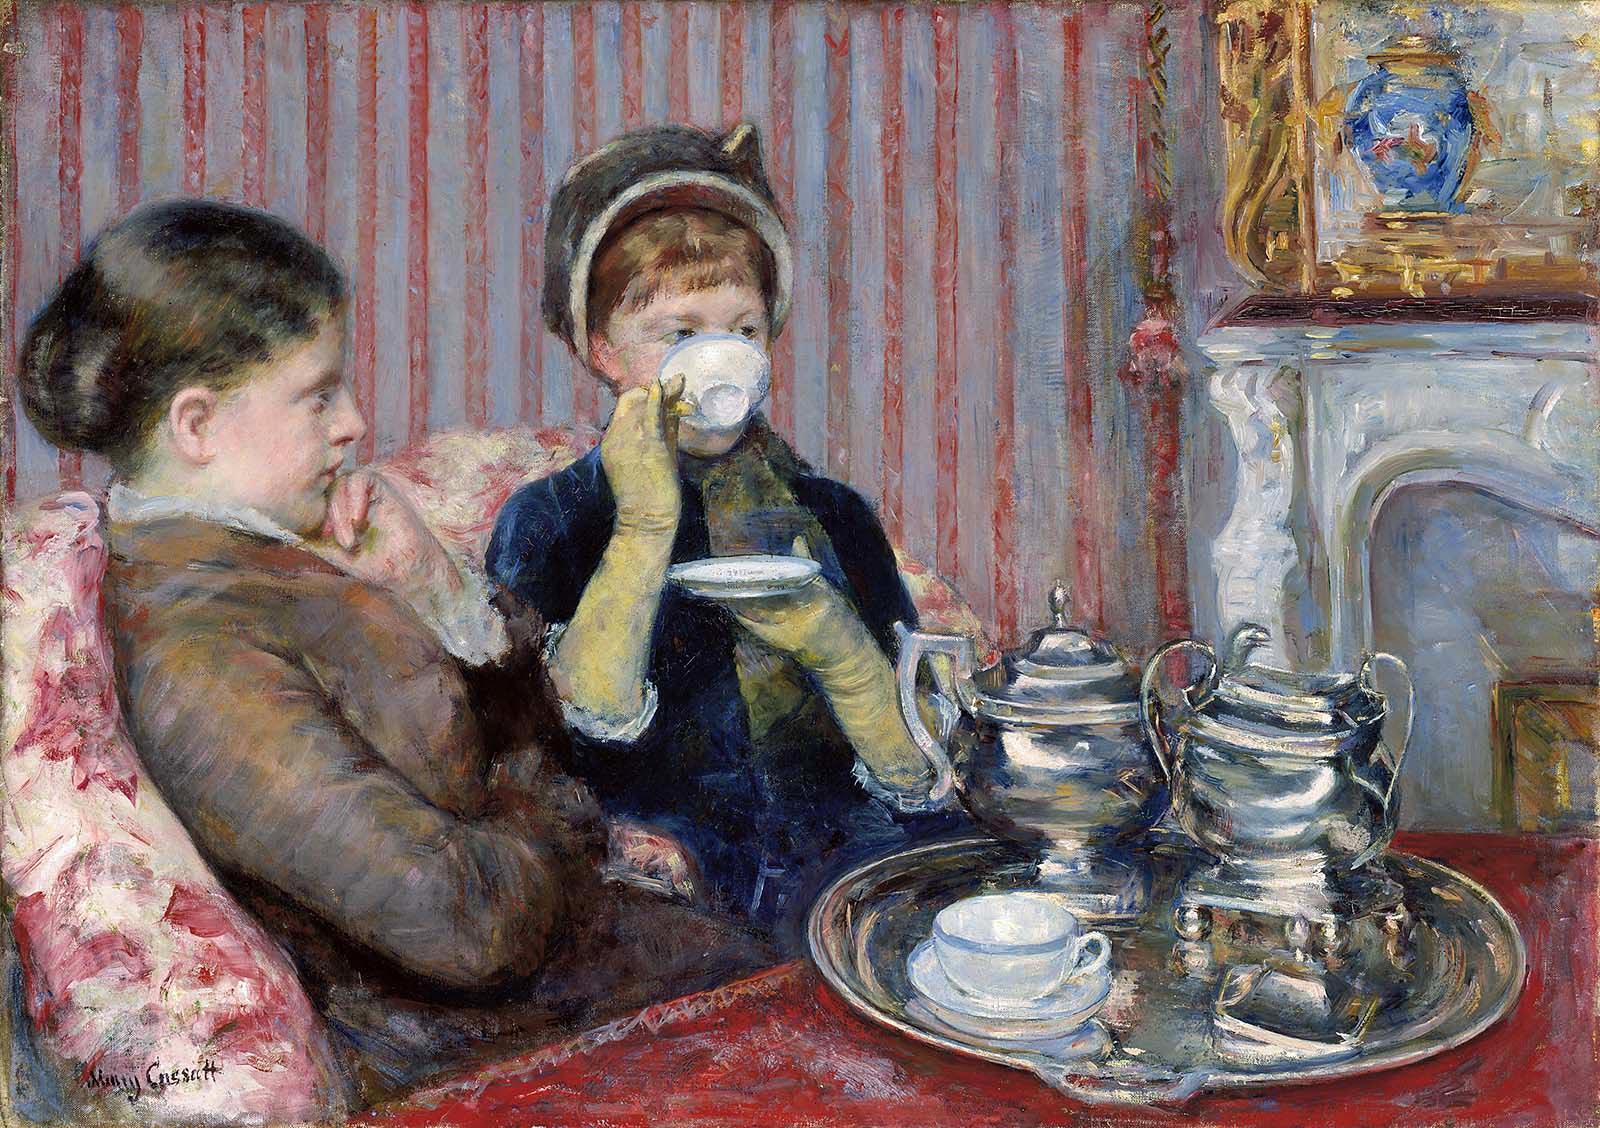 Мэри Кассат. Чаепитие (файф-о-клок). 1879-80 г. Масло, холст. 92,7 x 64,77 см. Музей изящных искусств, Бостон, США.